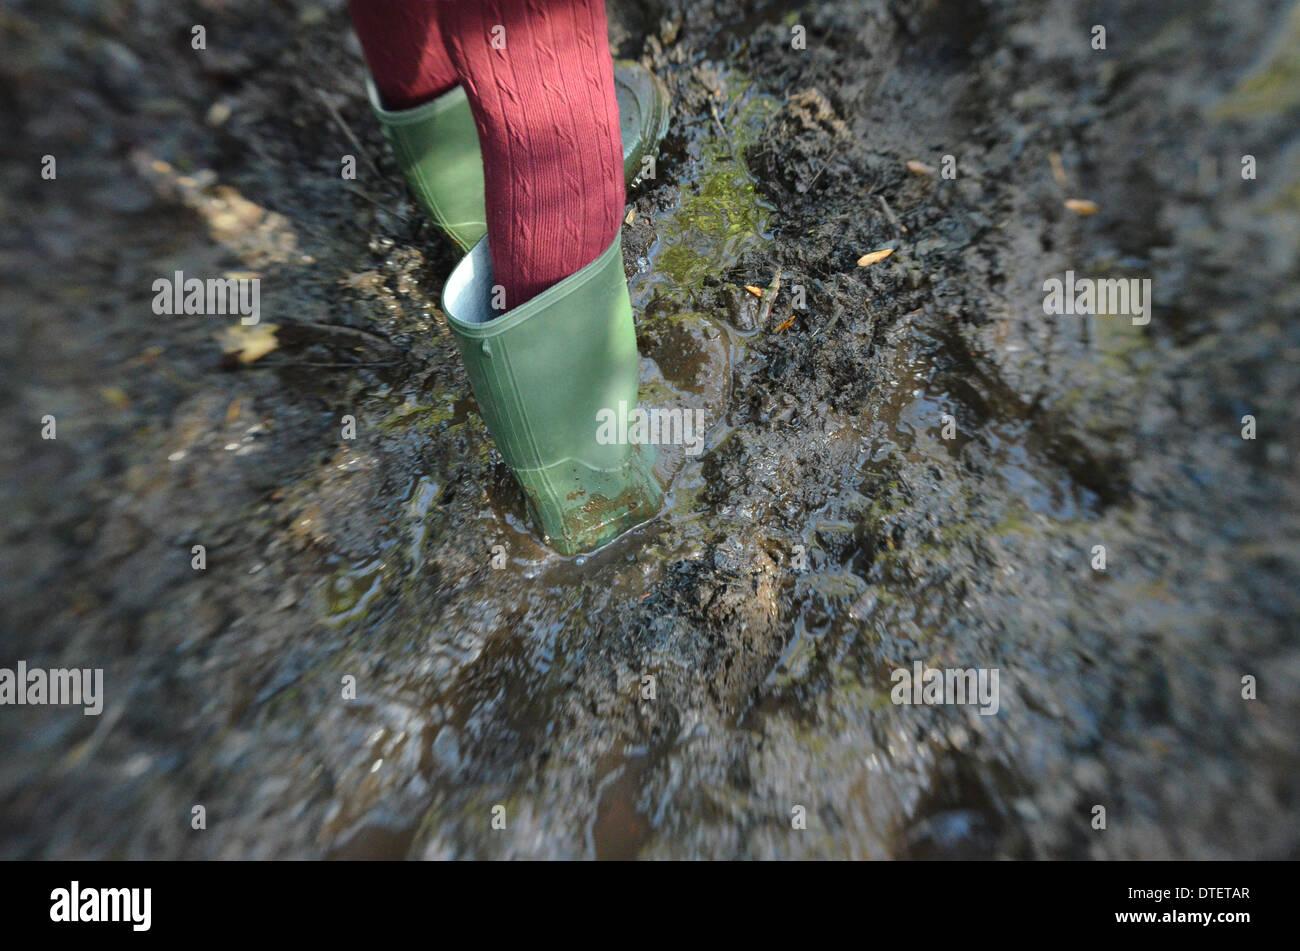 Des Mädchens Füße in grüne Gummistiefel Schlamm zu spielen. Stockbild